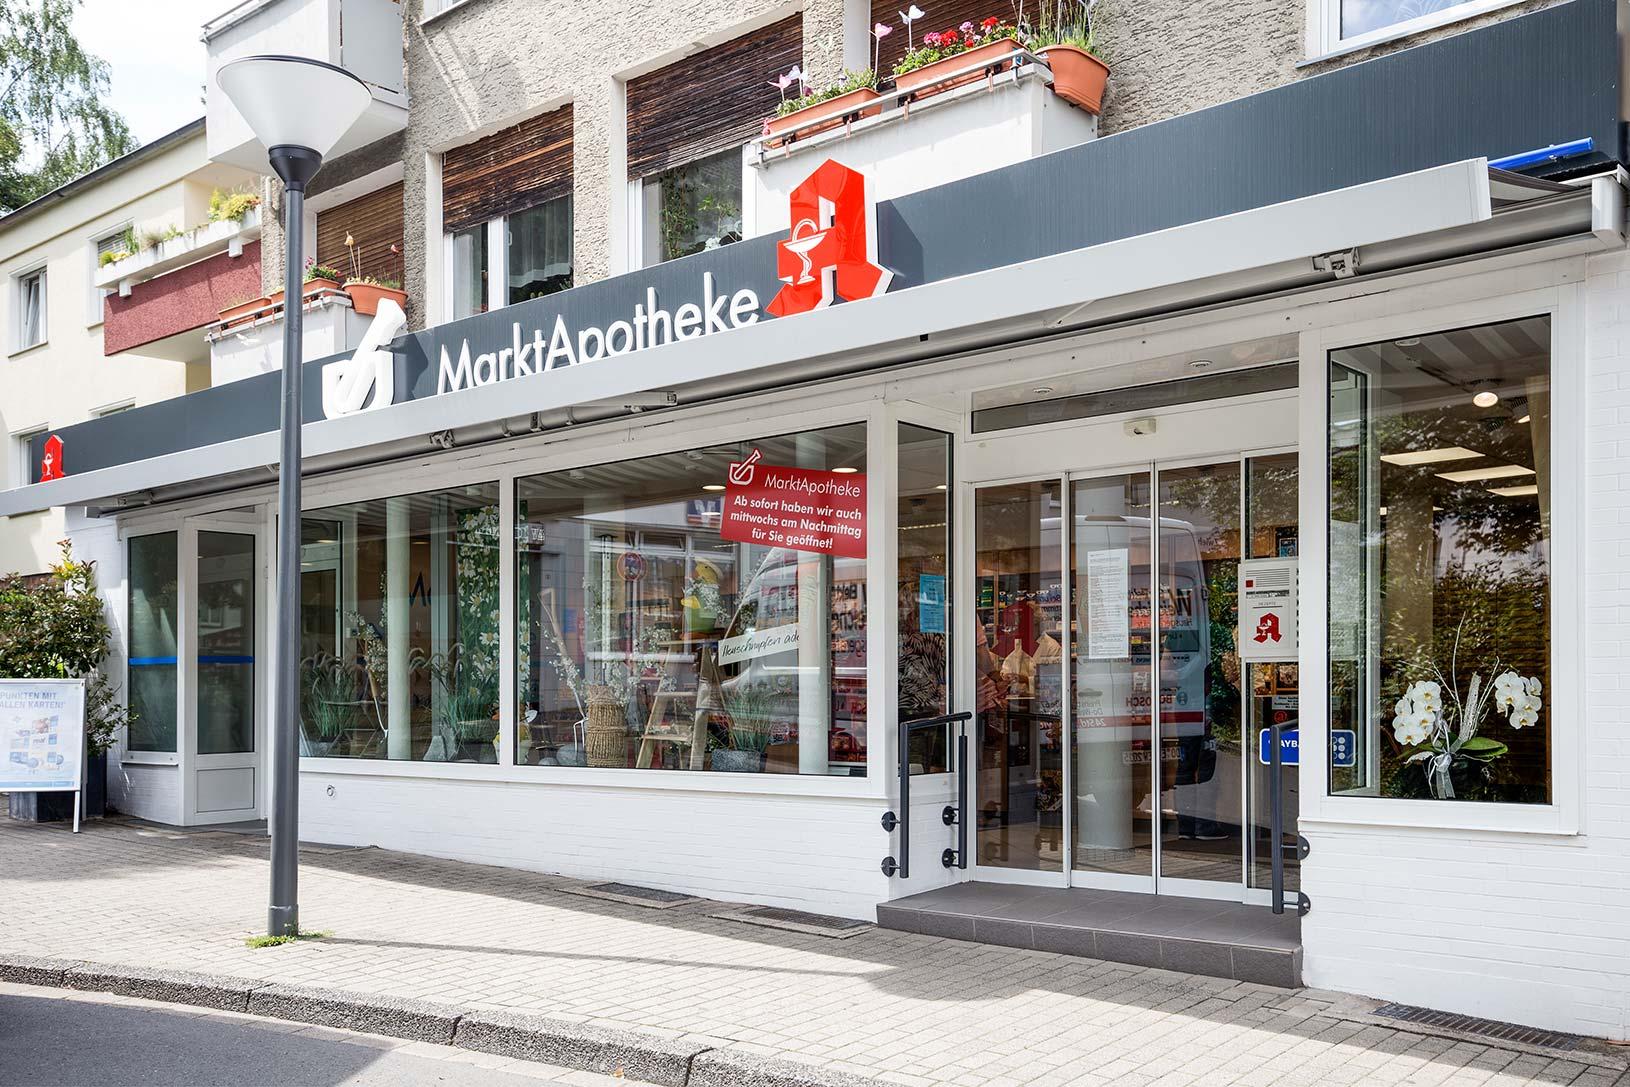 Markt_Apotheke